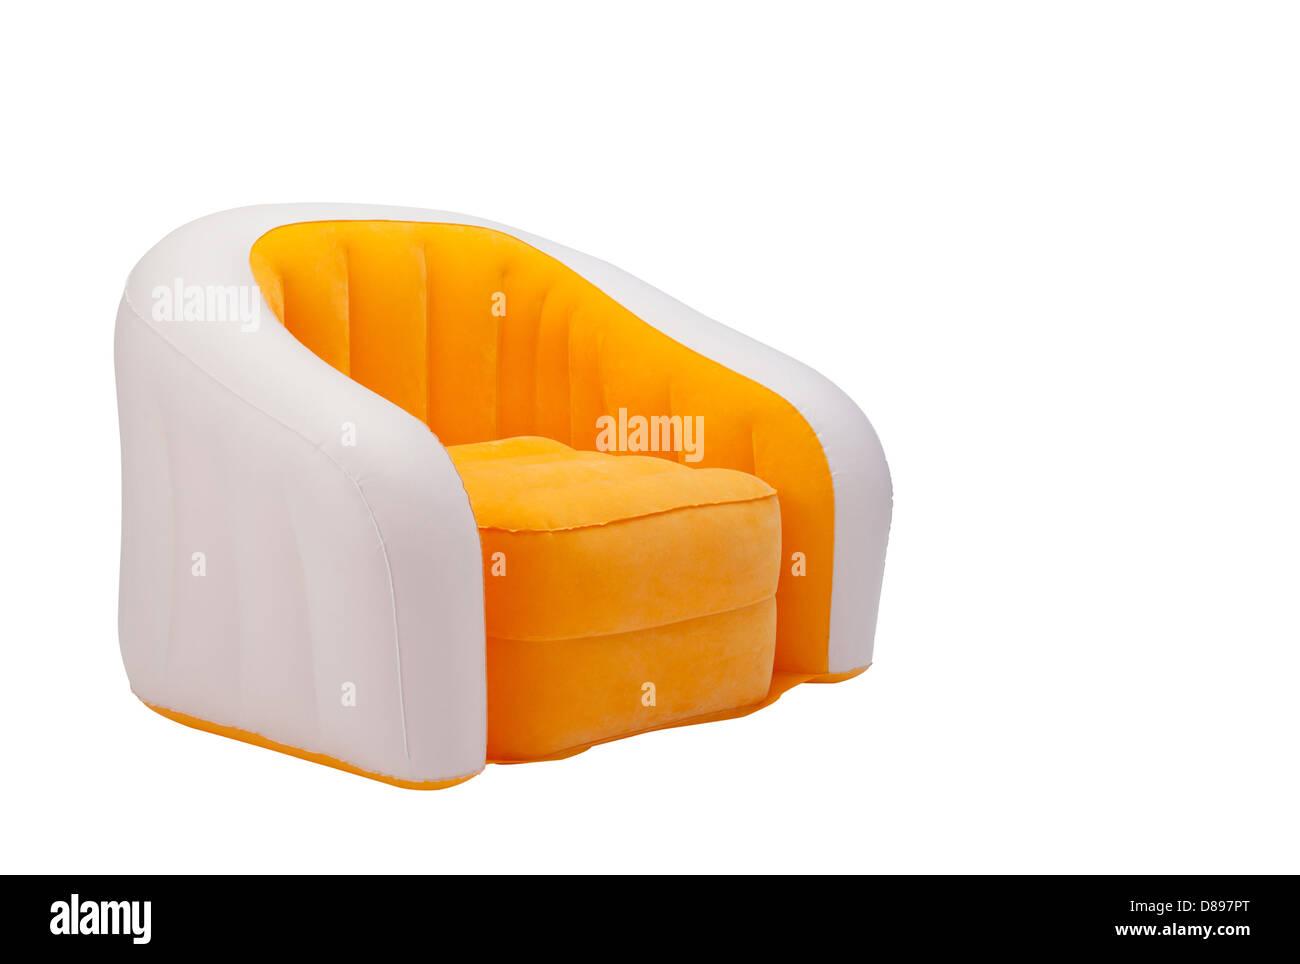 Gonfiabili di colore arancione poltrona isolati su sfondo bianco Immagini Stock